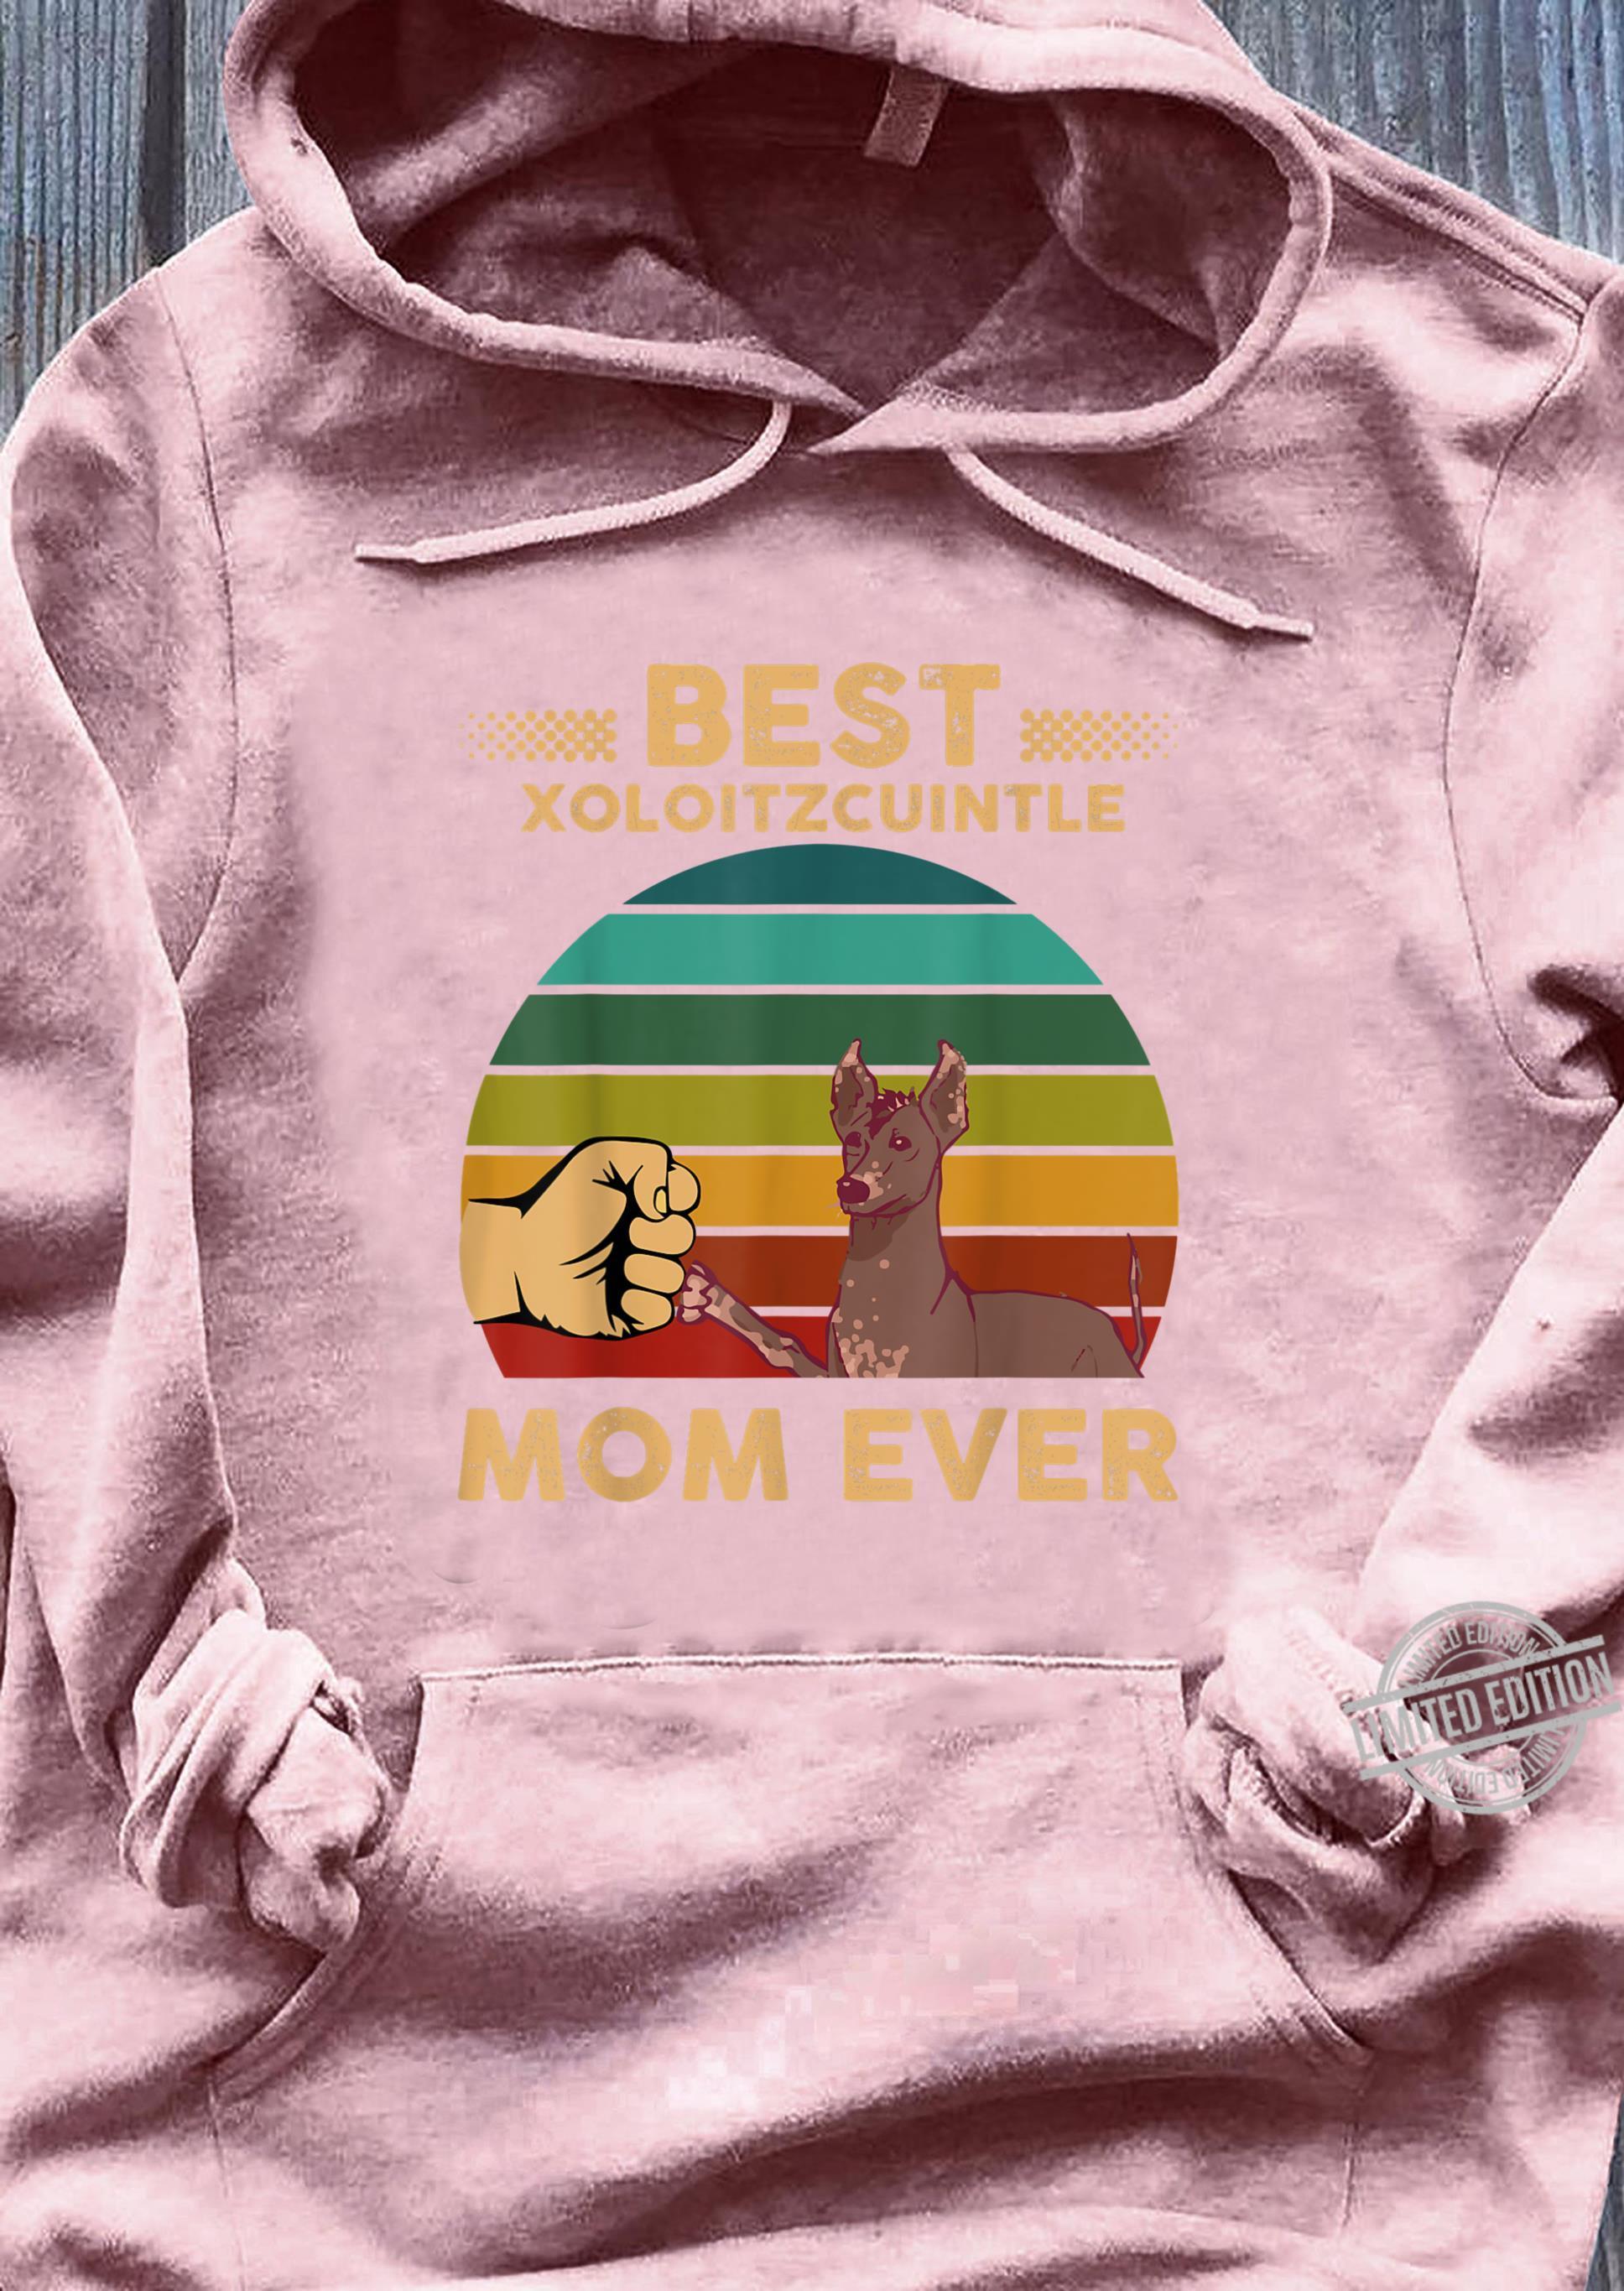 Xoloitzcuintle Shirt Best Xoloitzcuintle Mom Ever Retro Shirt sweater